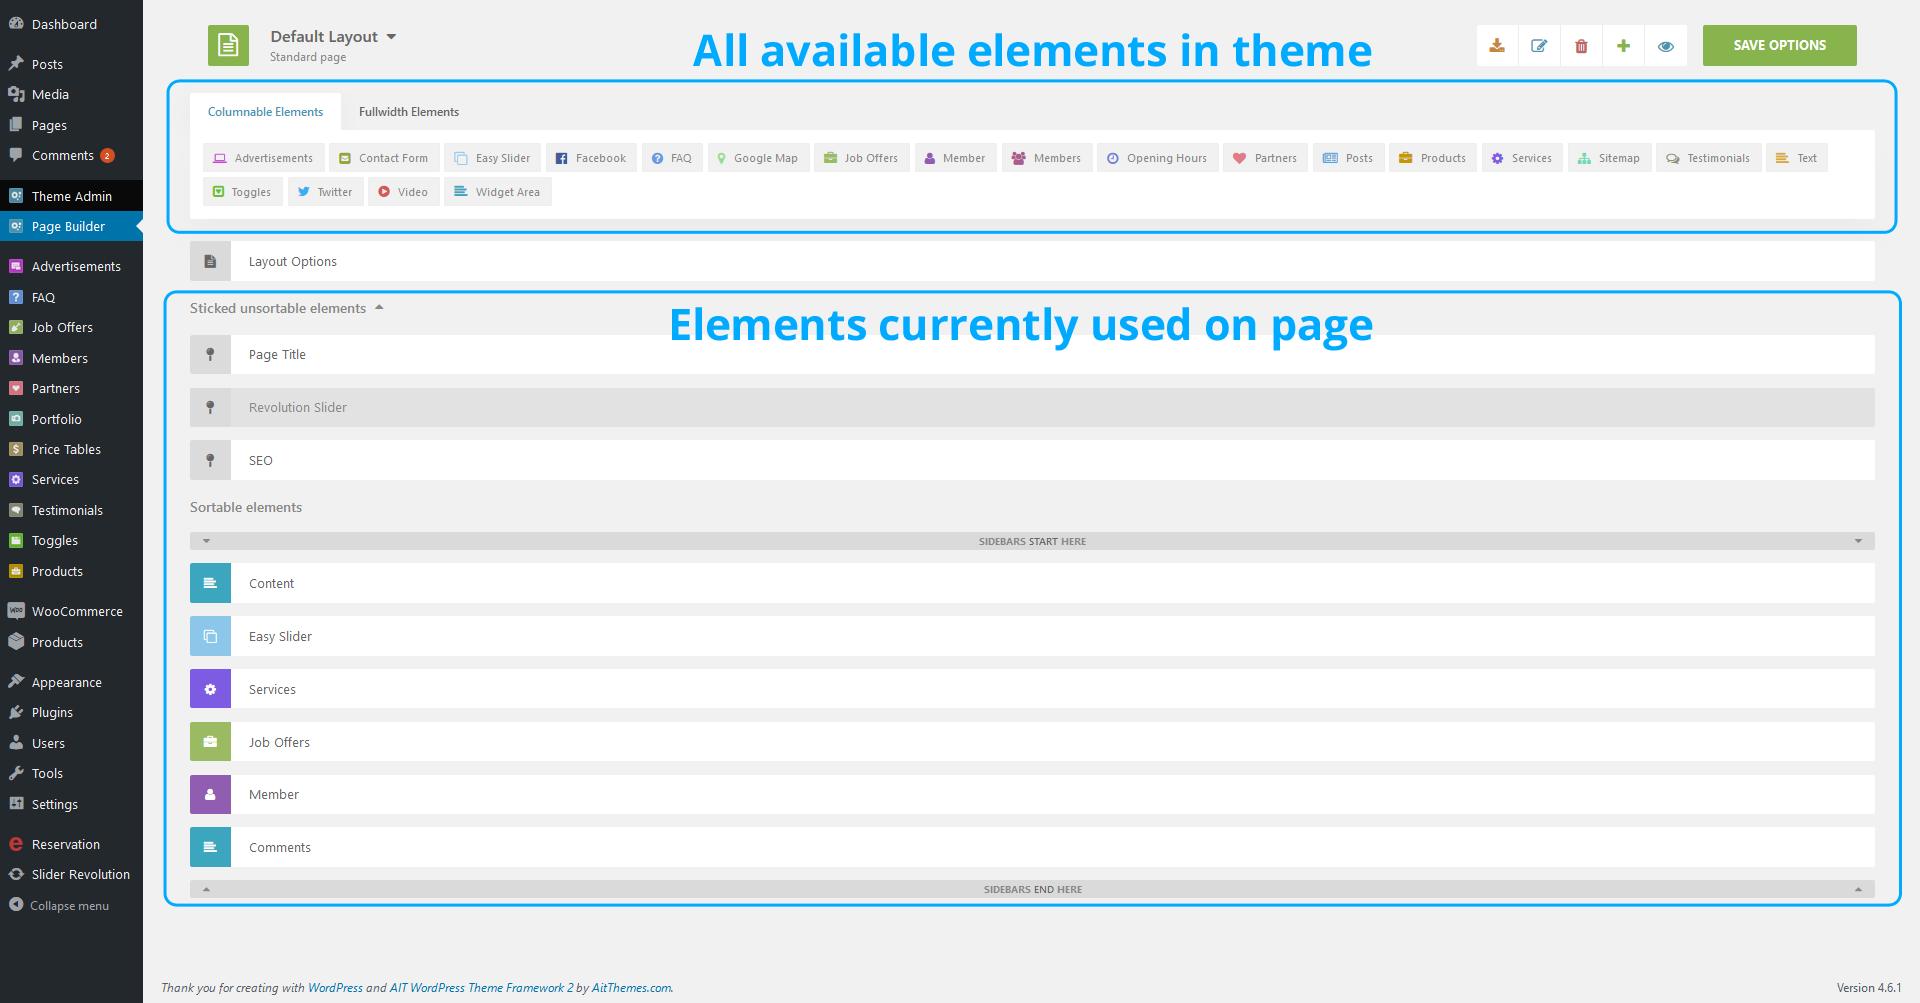 default_layout_main